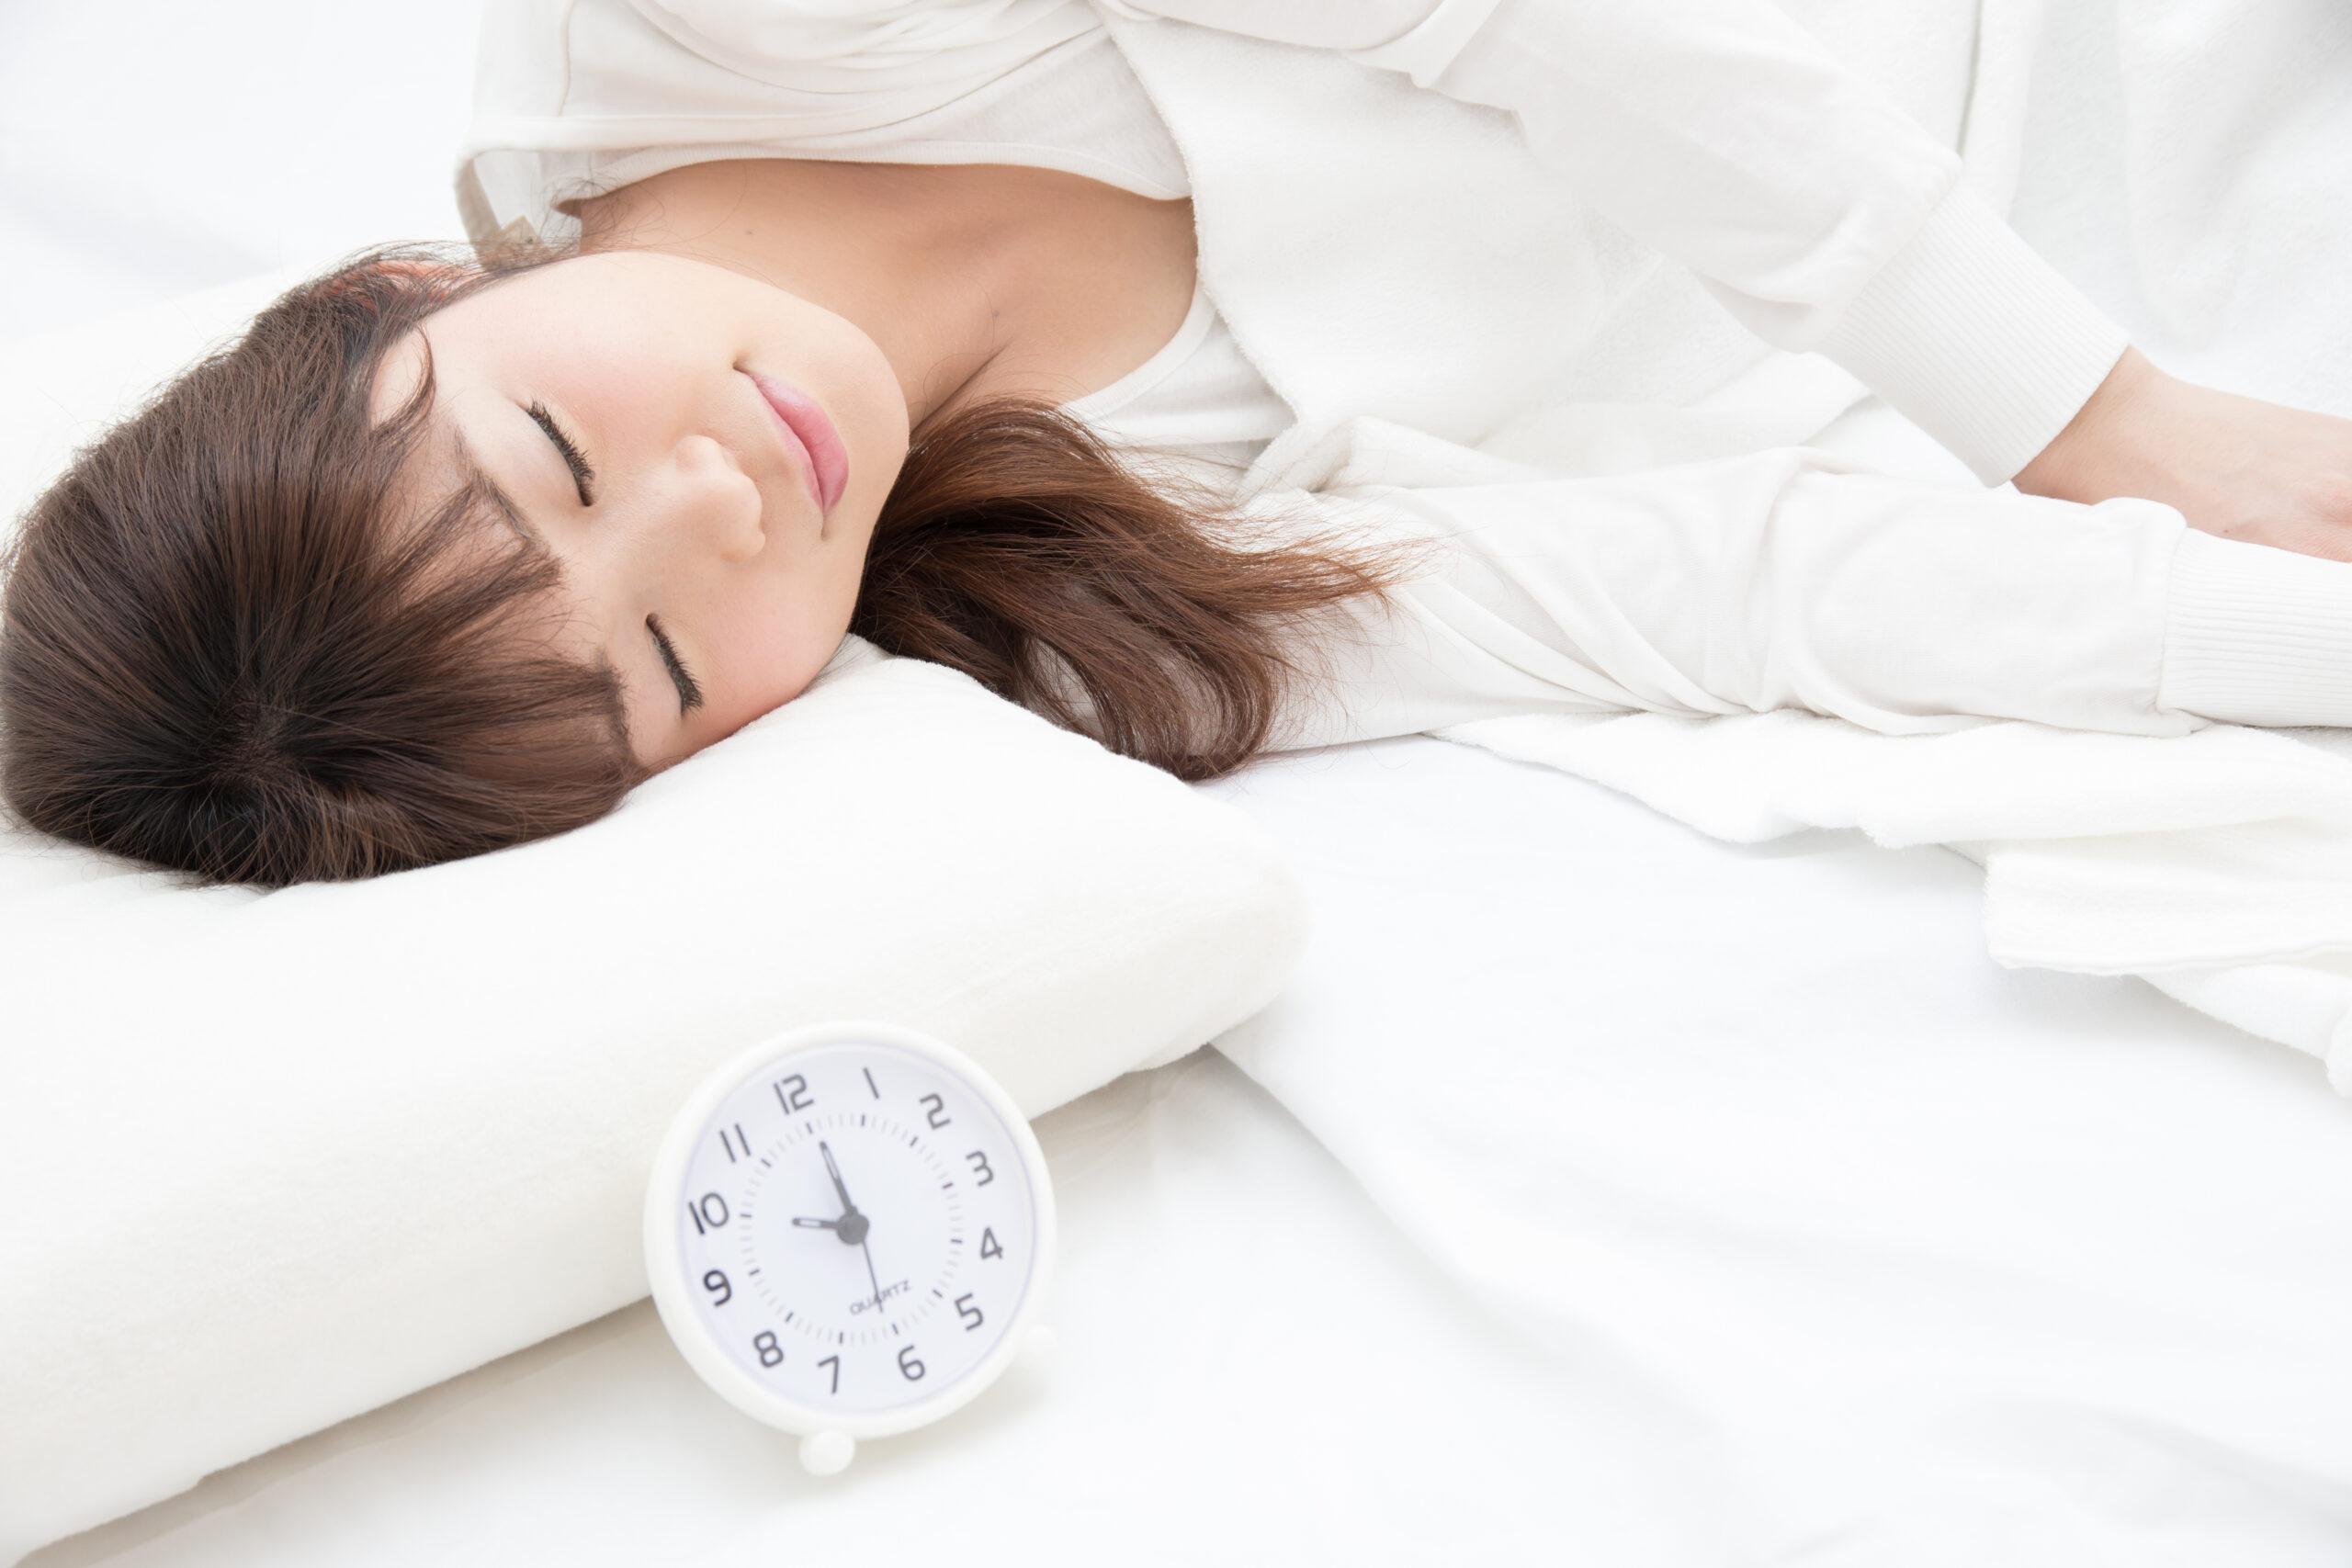 その眠気、脳梗塞の前兆かもしれません!